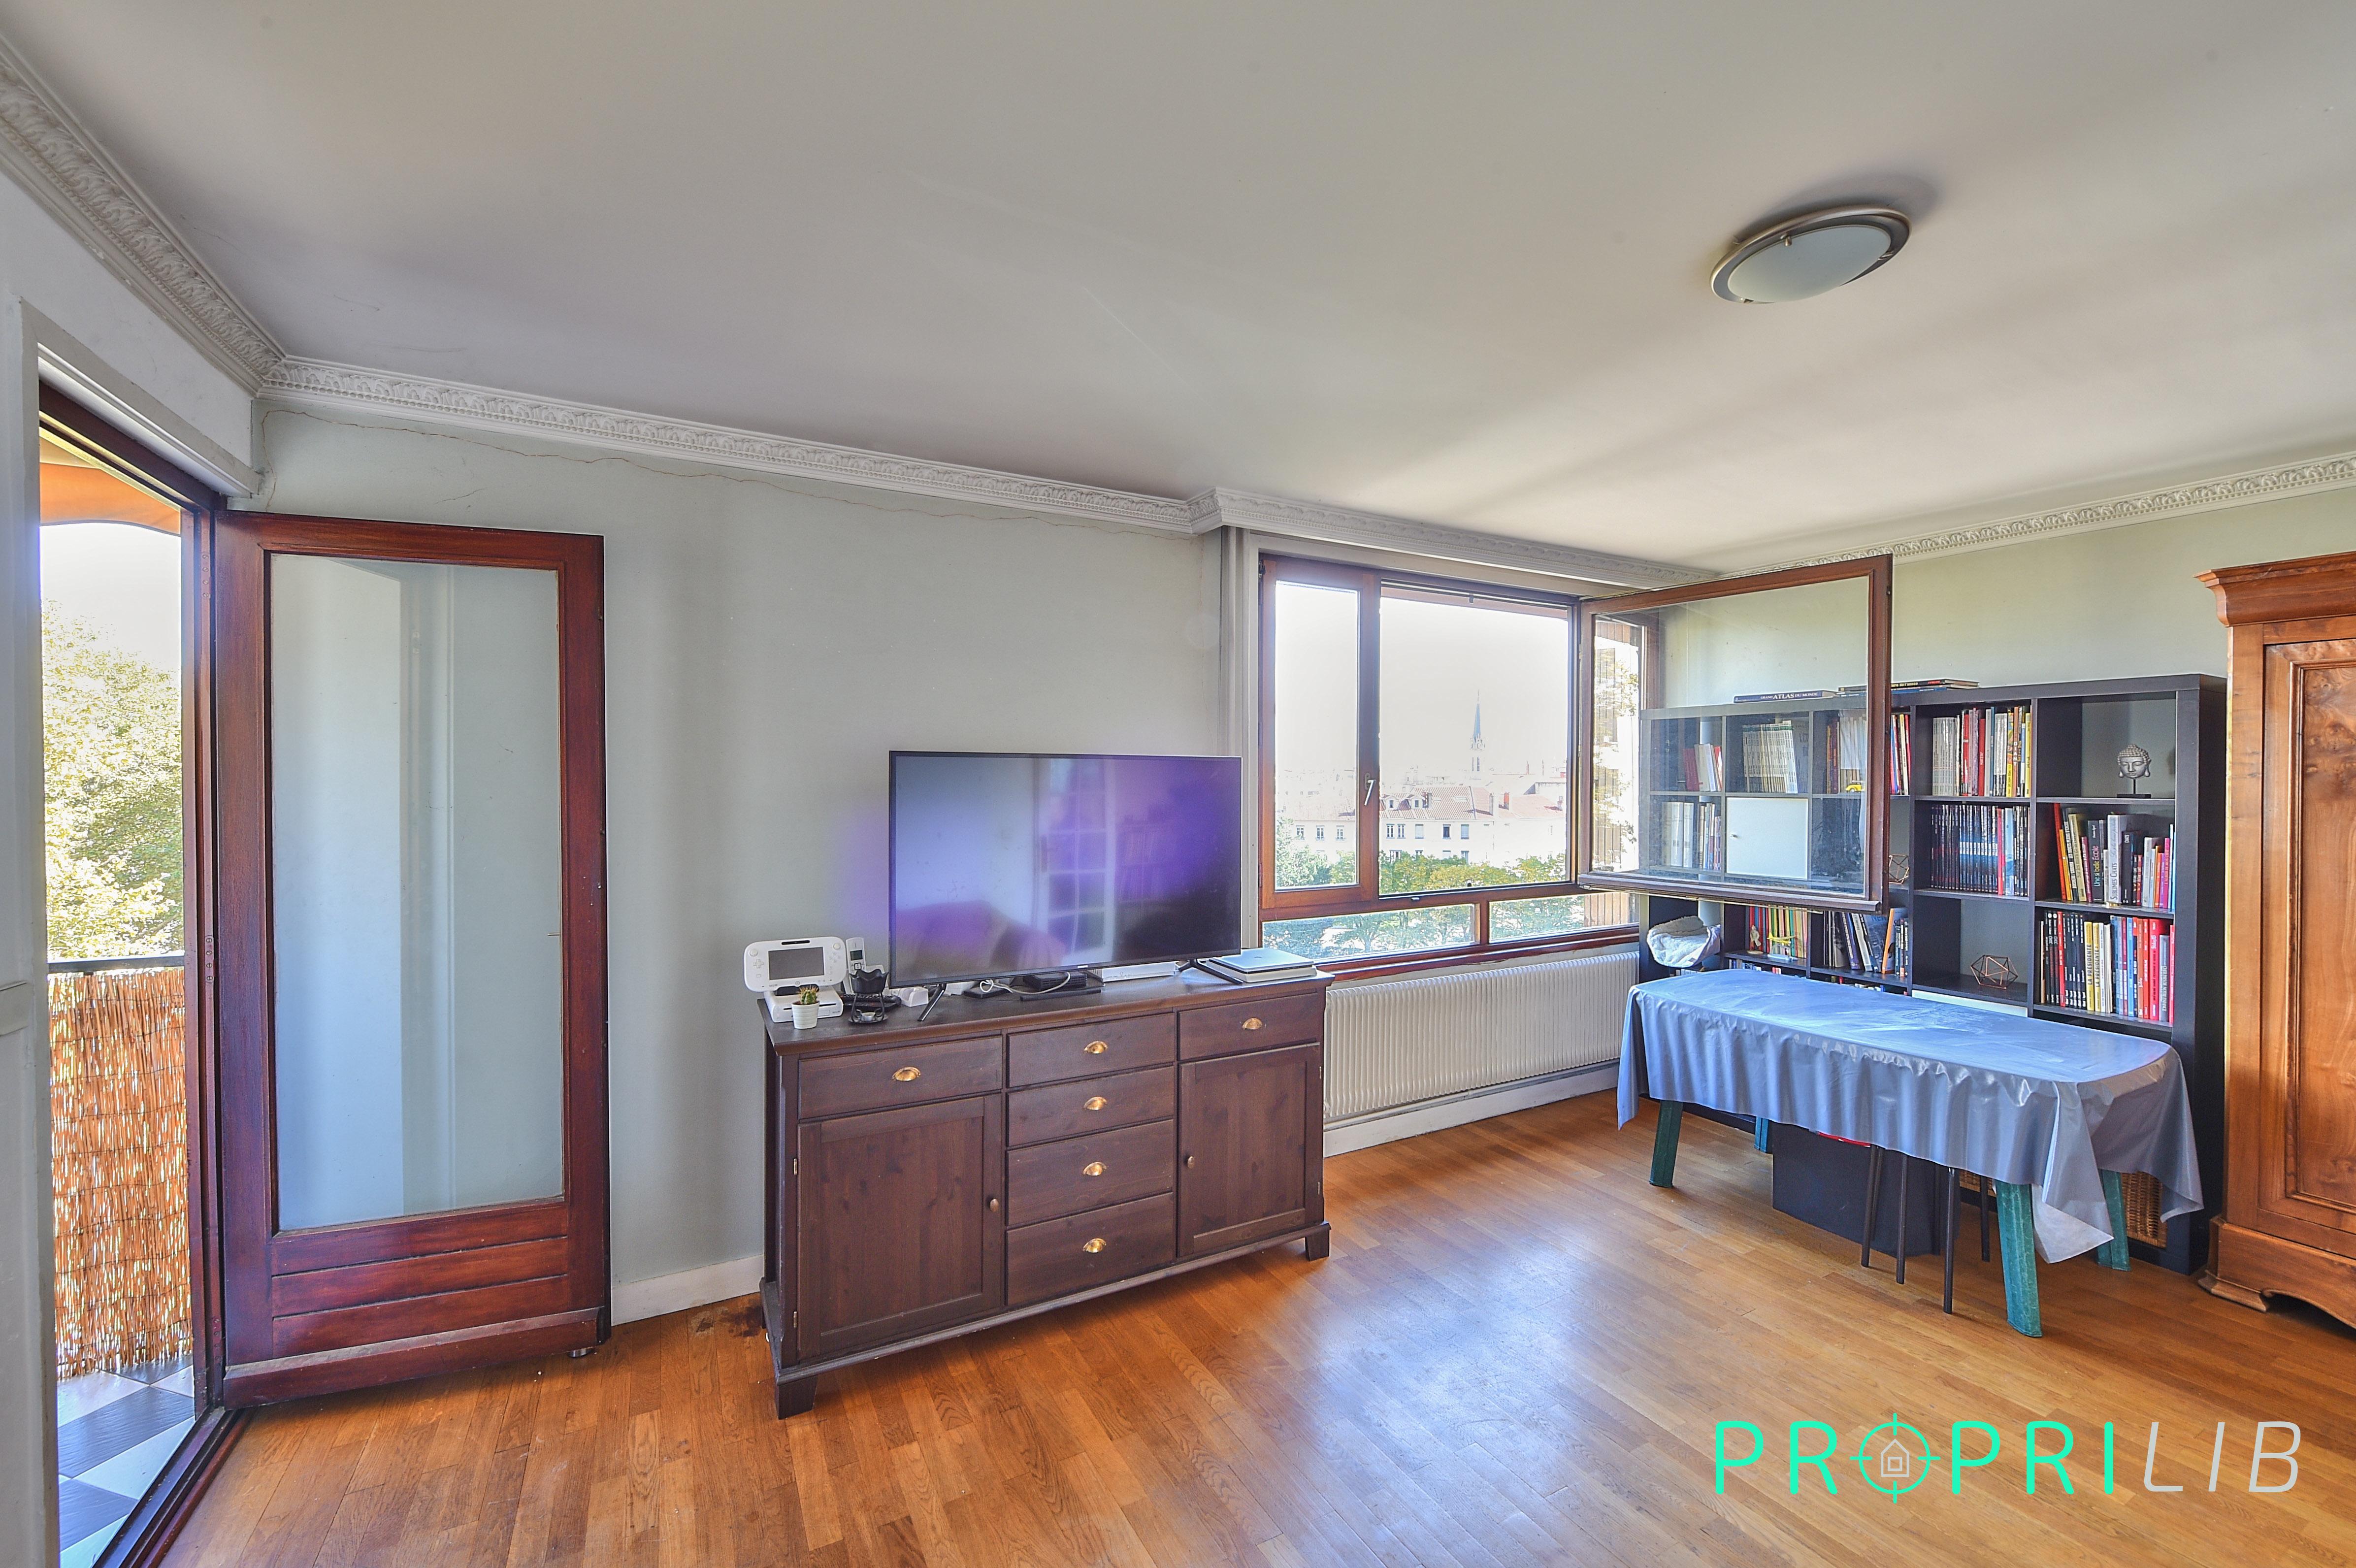 appartement-lyon-3e-a-vendre-quartier-bellecombe